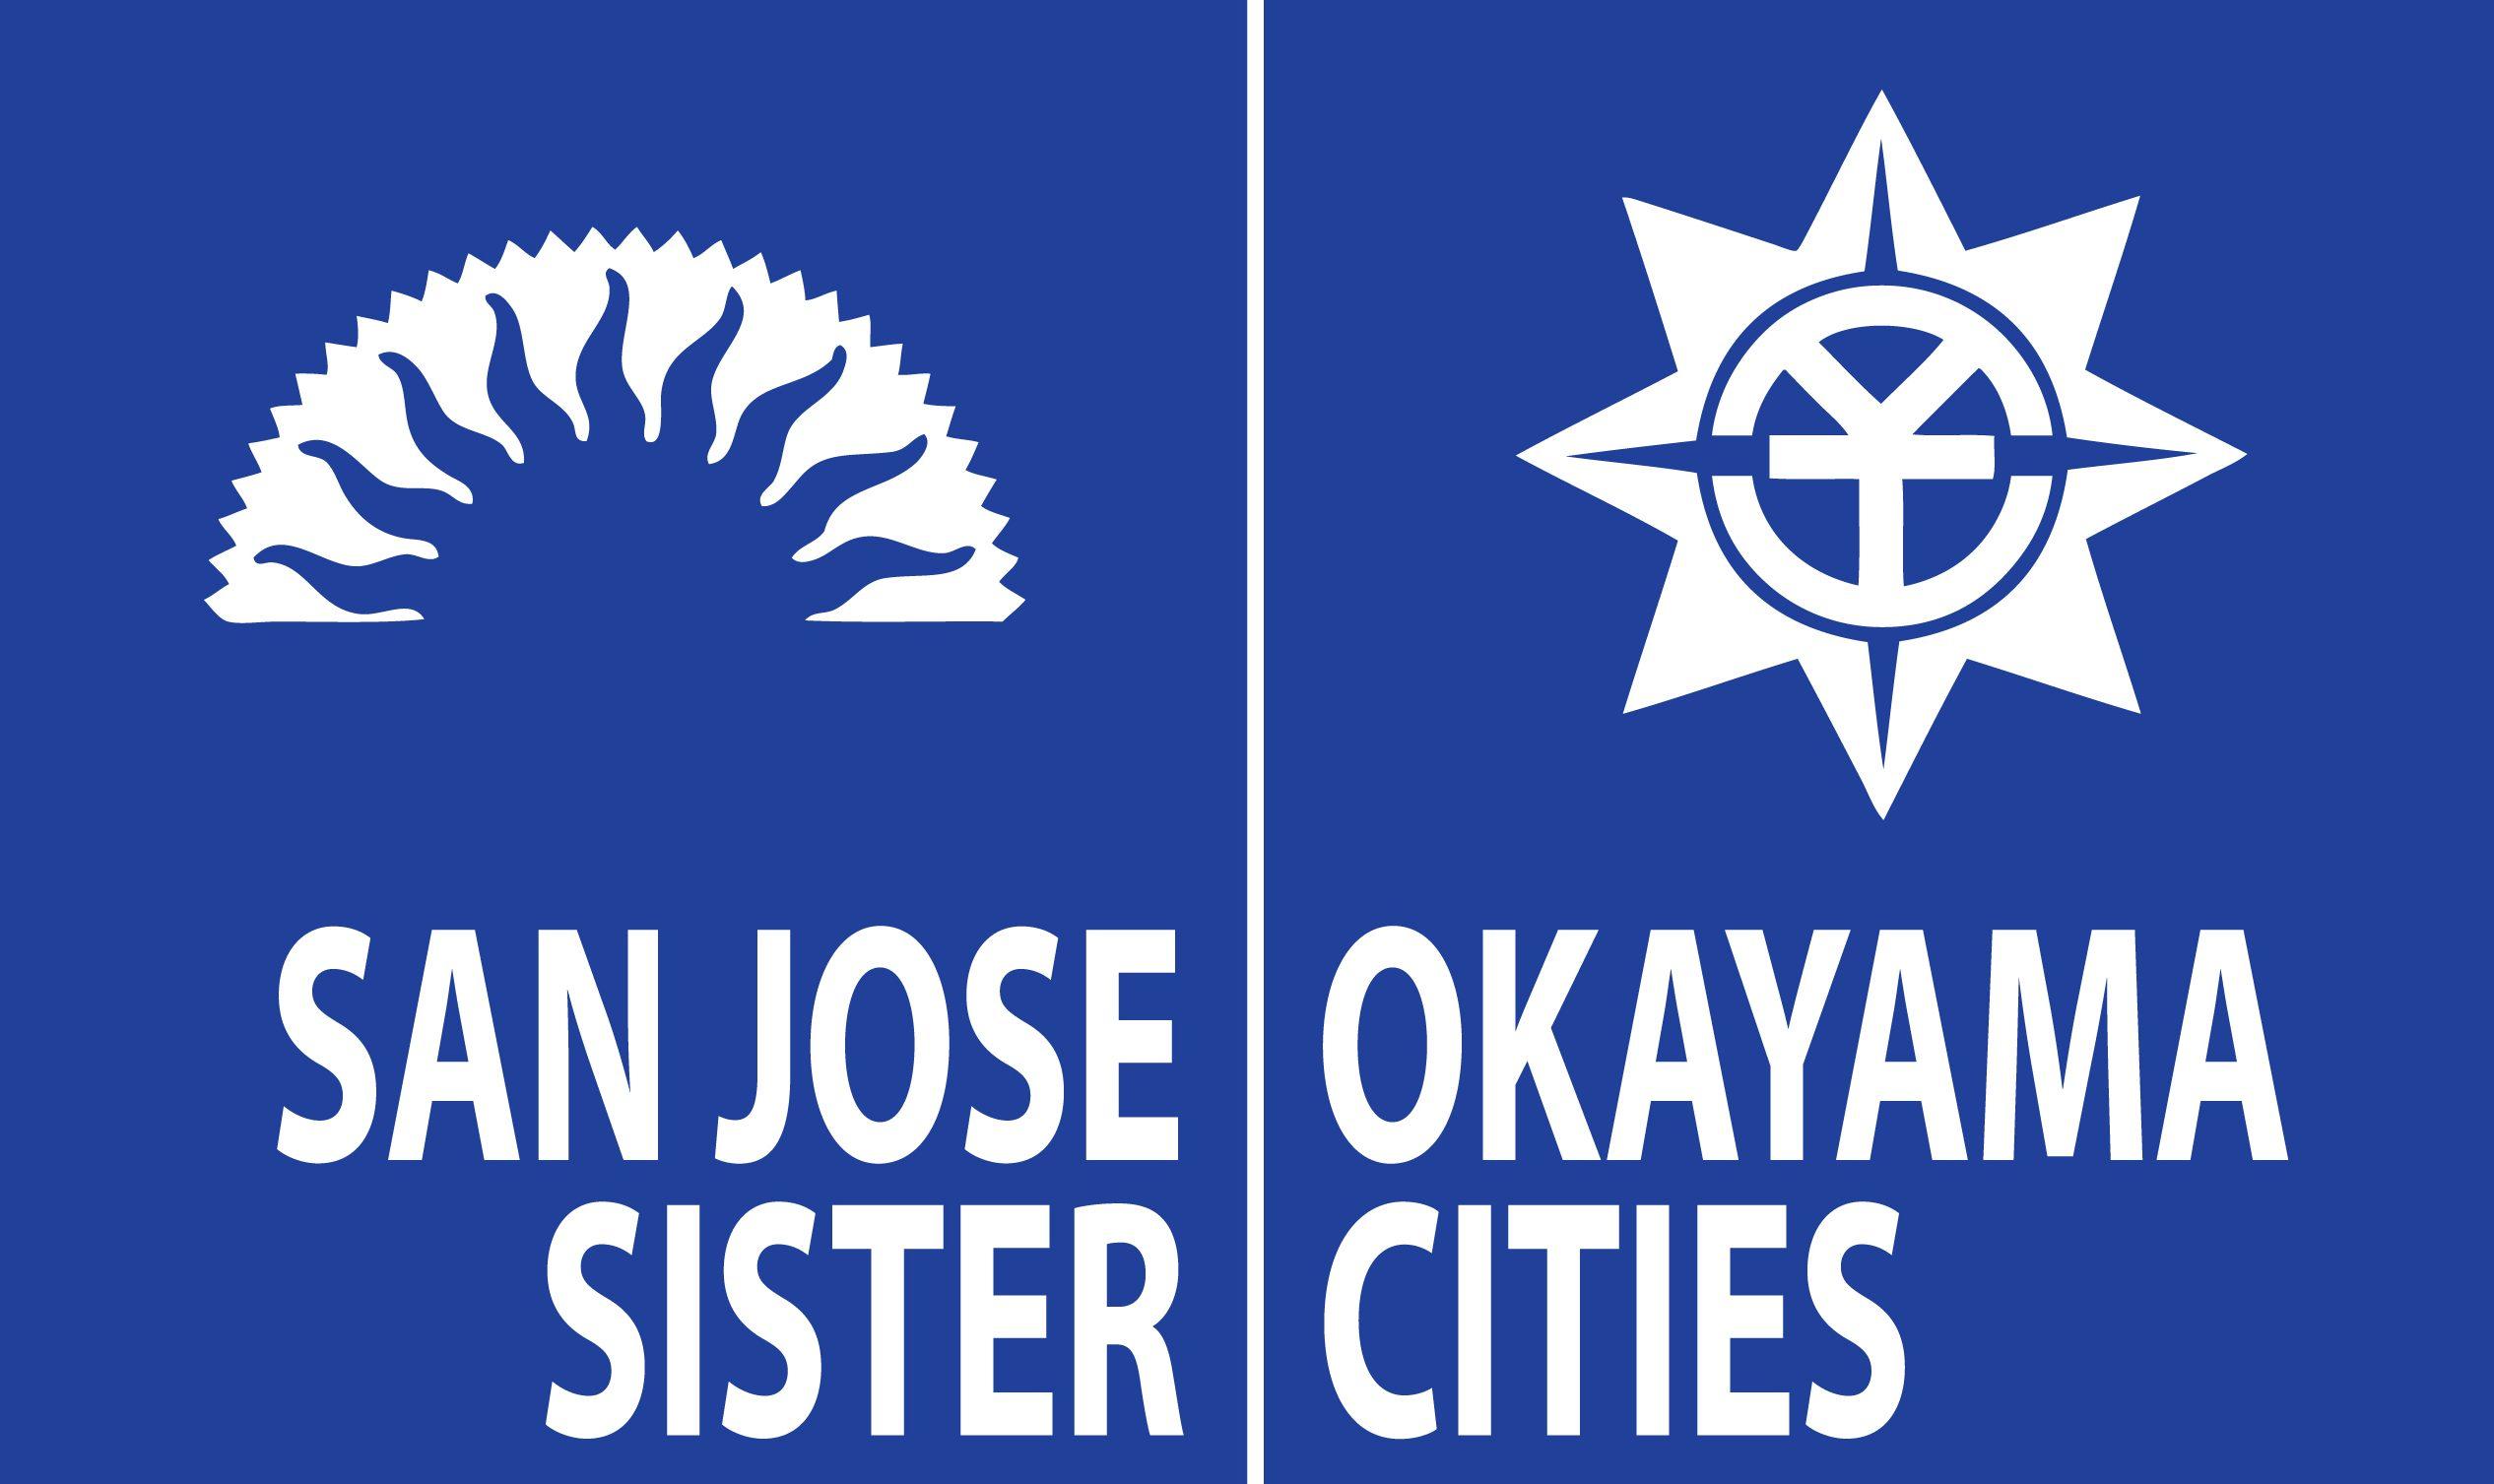 San Jose Okayama Sister Cities